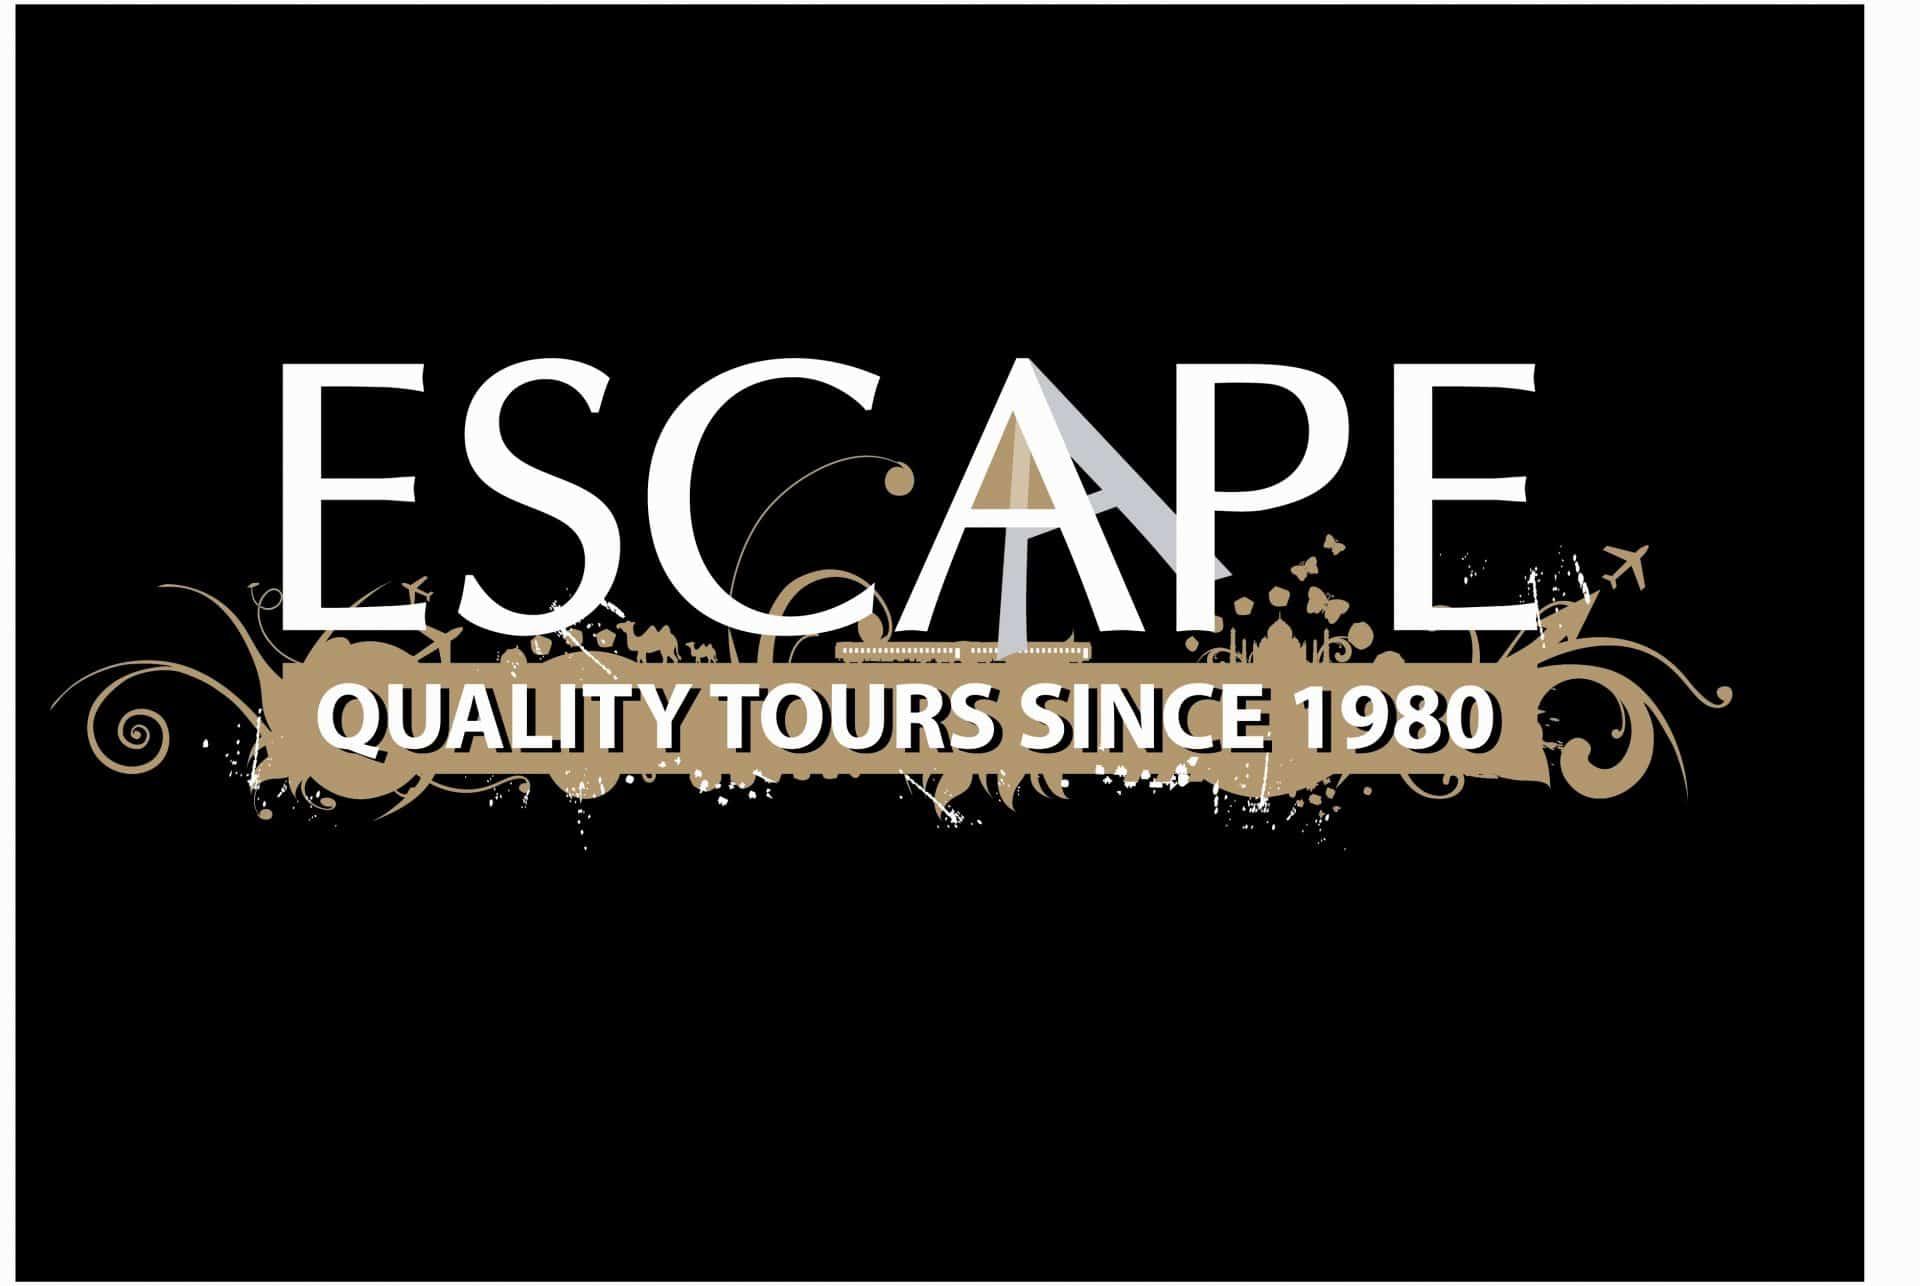 escape quality tours for everyone